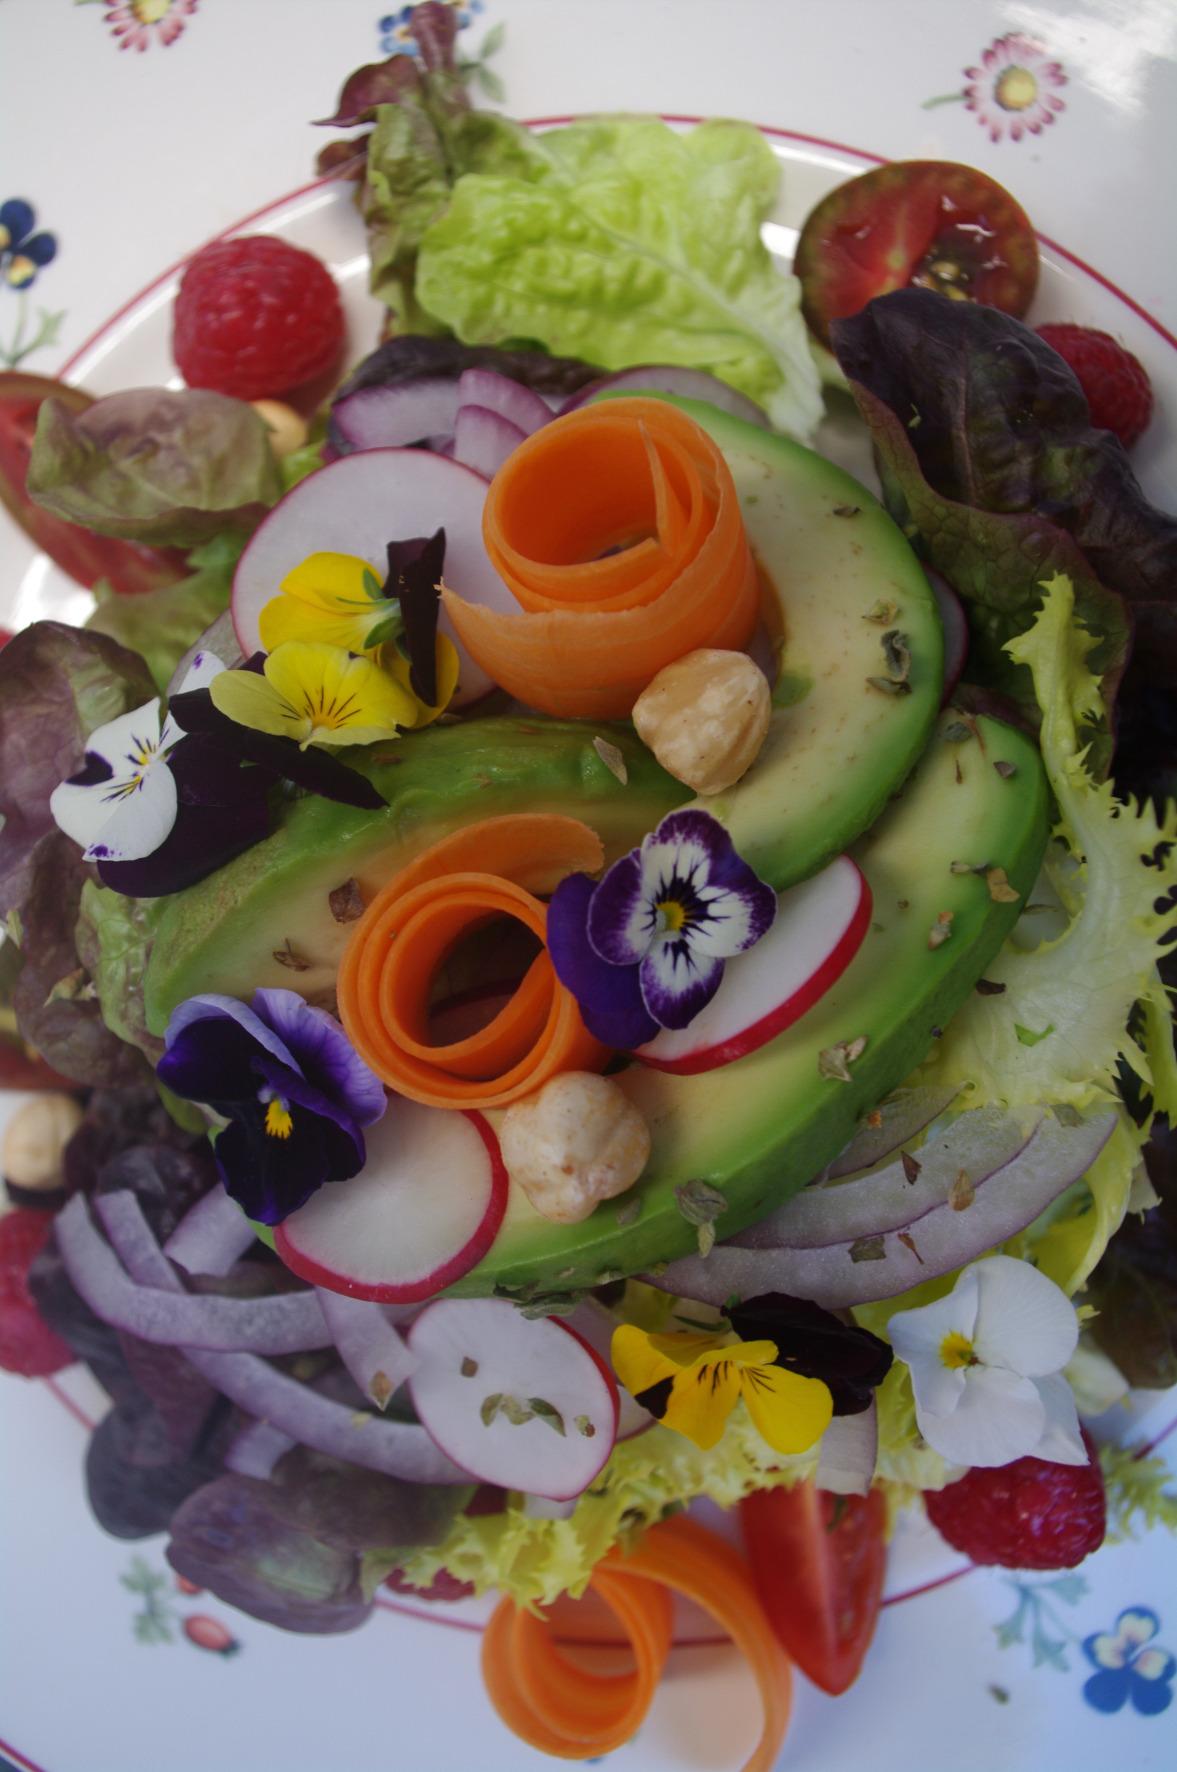 saladsa.jpg